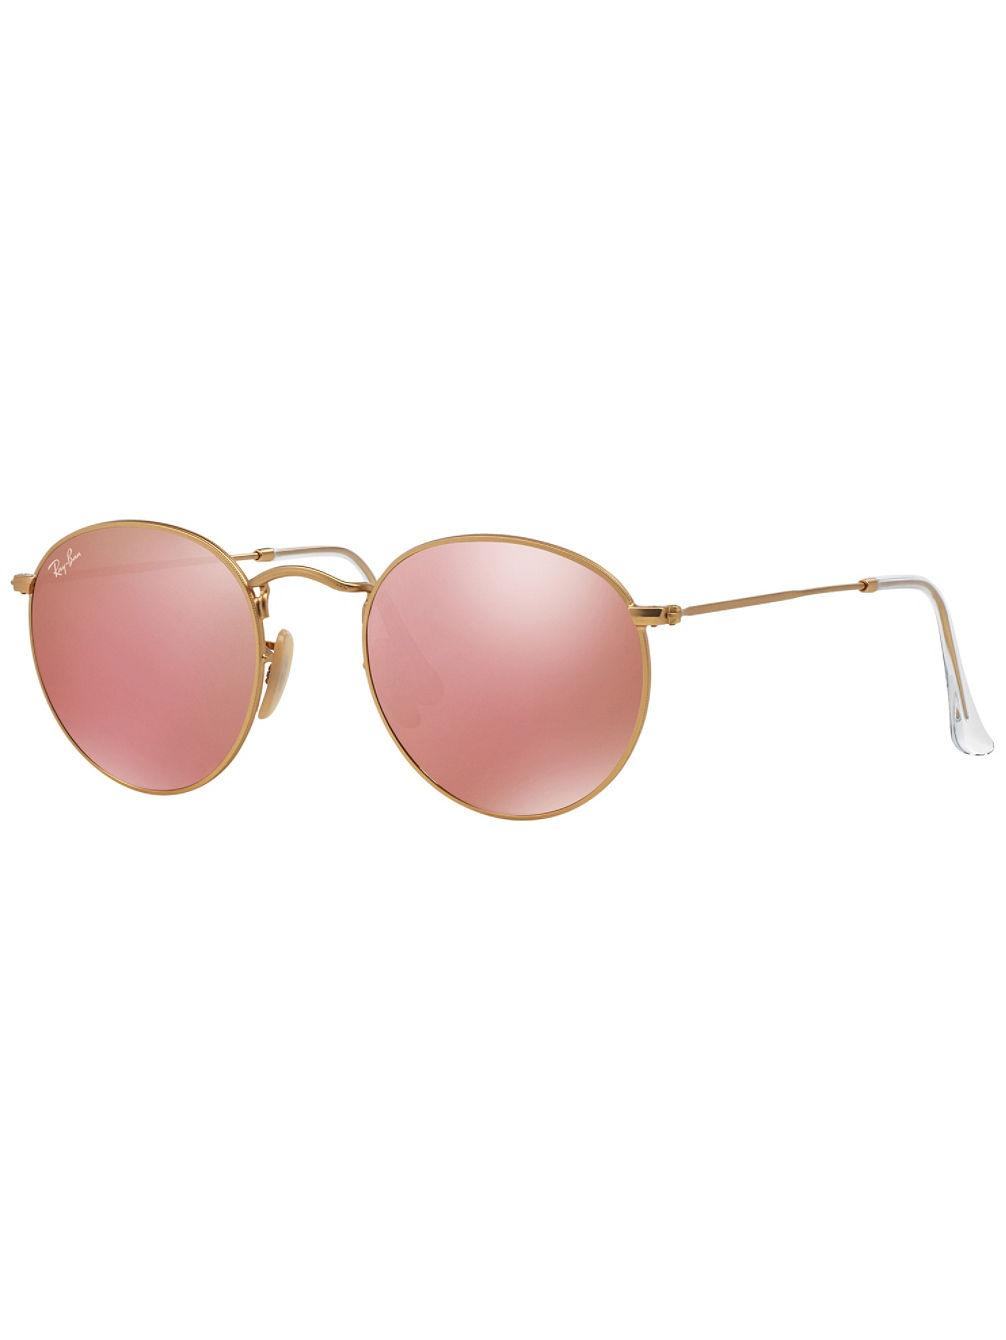 Ray Ban Round Metal Matte Gold Mirror Sonnenbrille Online